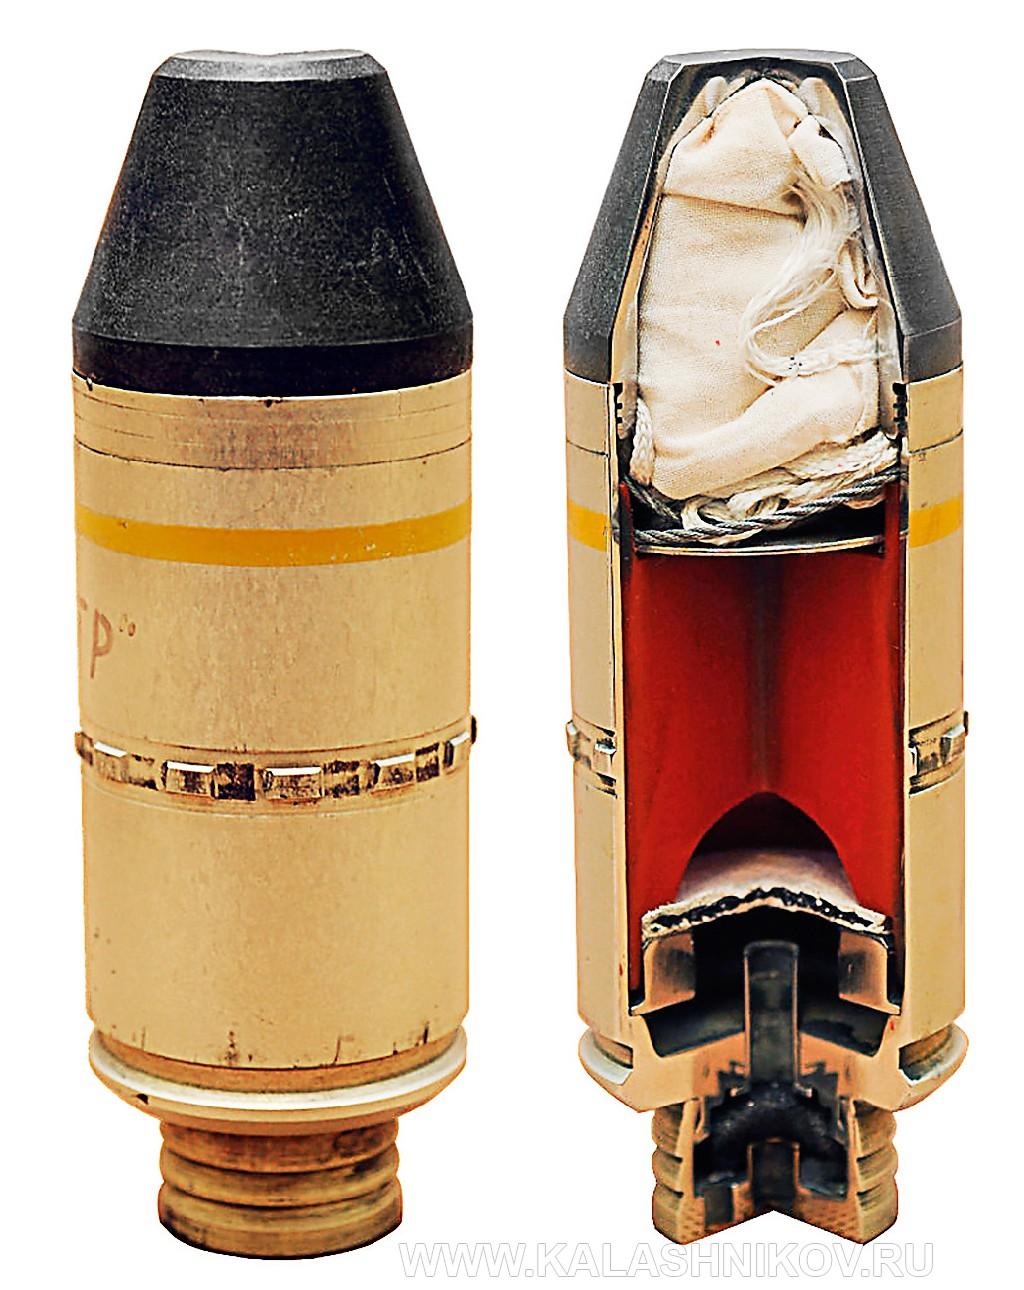 40-мм выстрел сосветительной гранатой кподствольным гранатомётам ГП-25 иГП-30